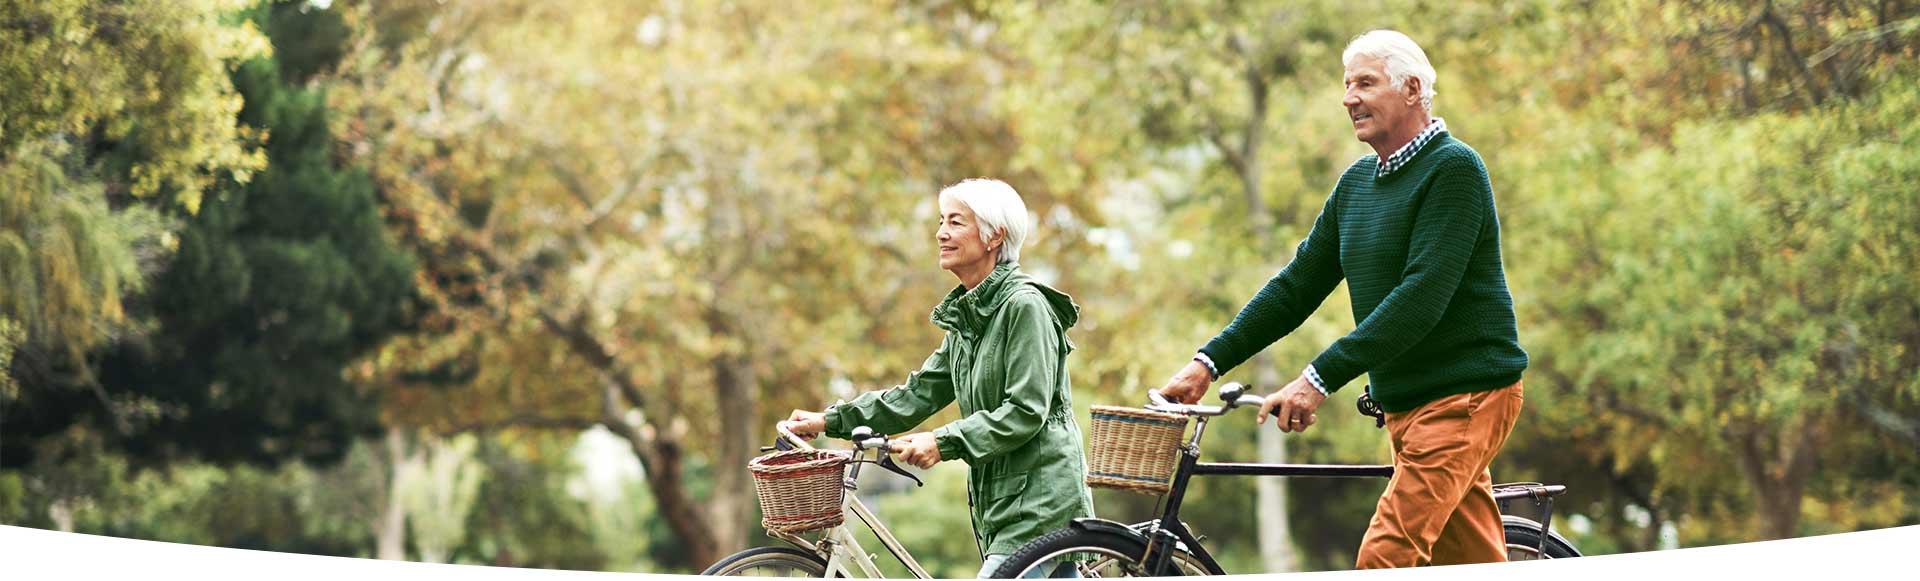 Oudere man en vrouw wandelen met fiets aan de hand